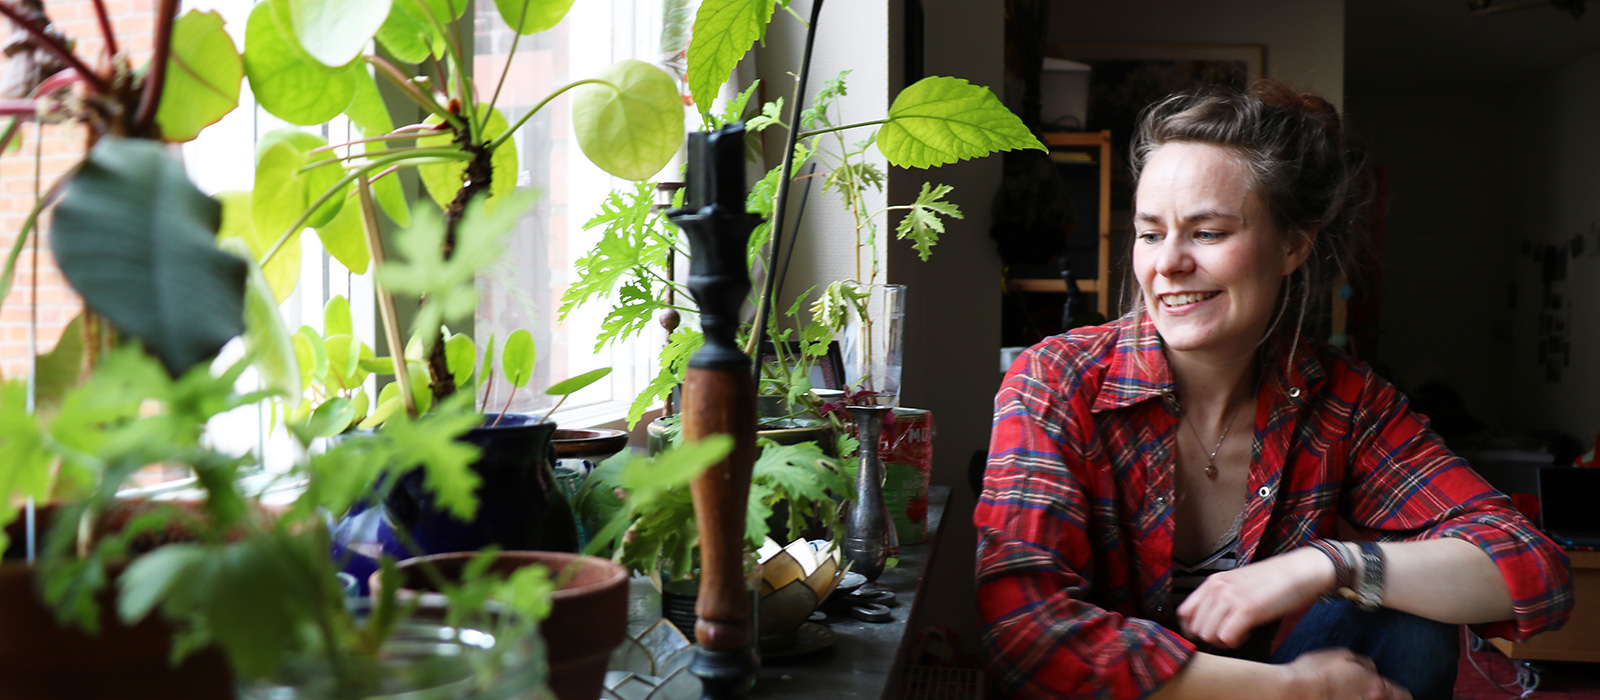 En mörkhårig tjej sitter och tittar på sina gröna växter i fönstret